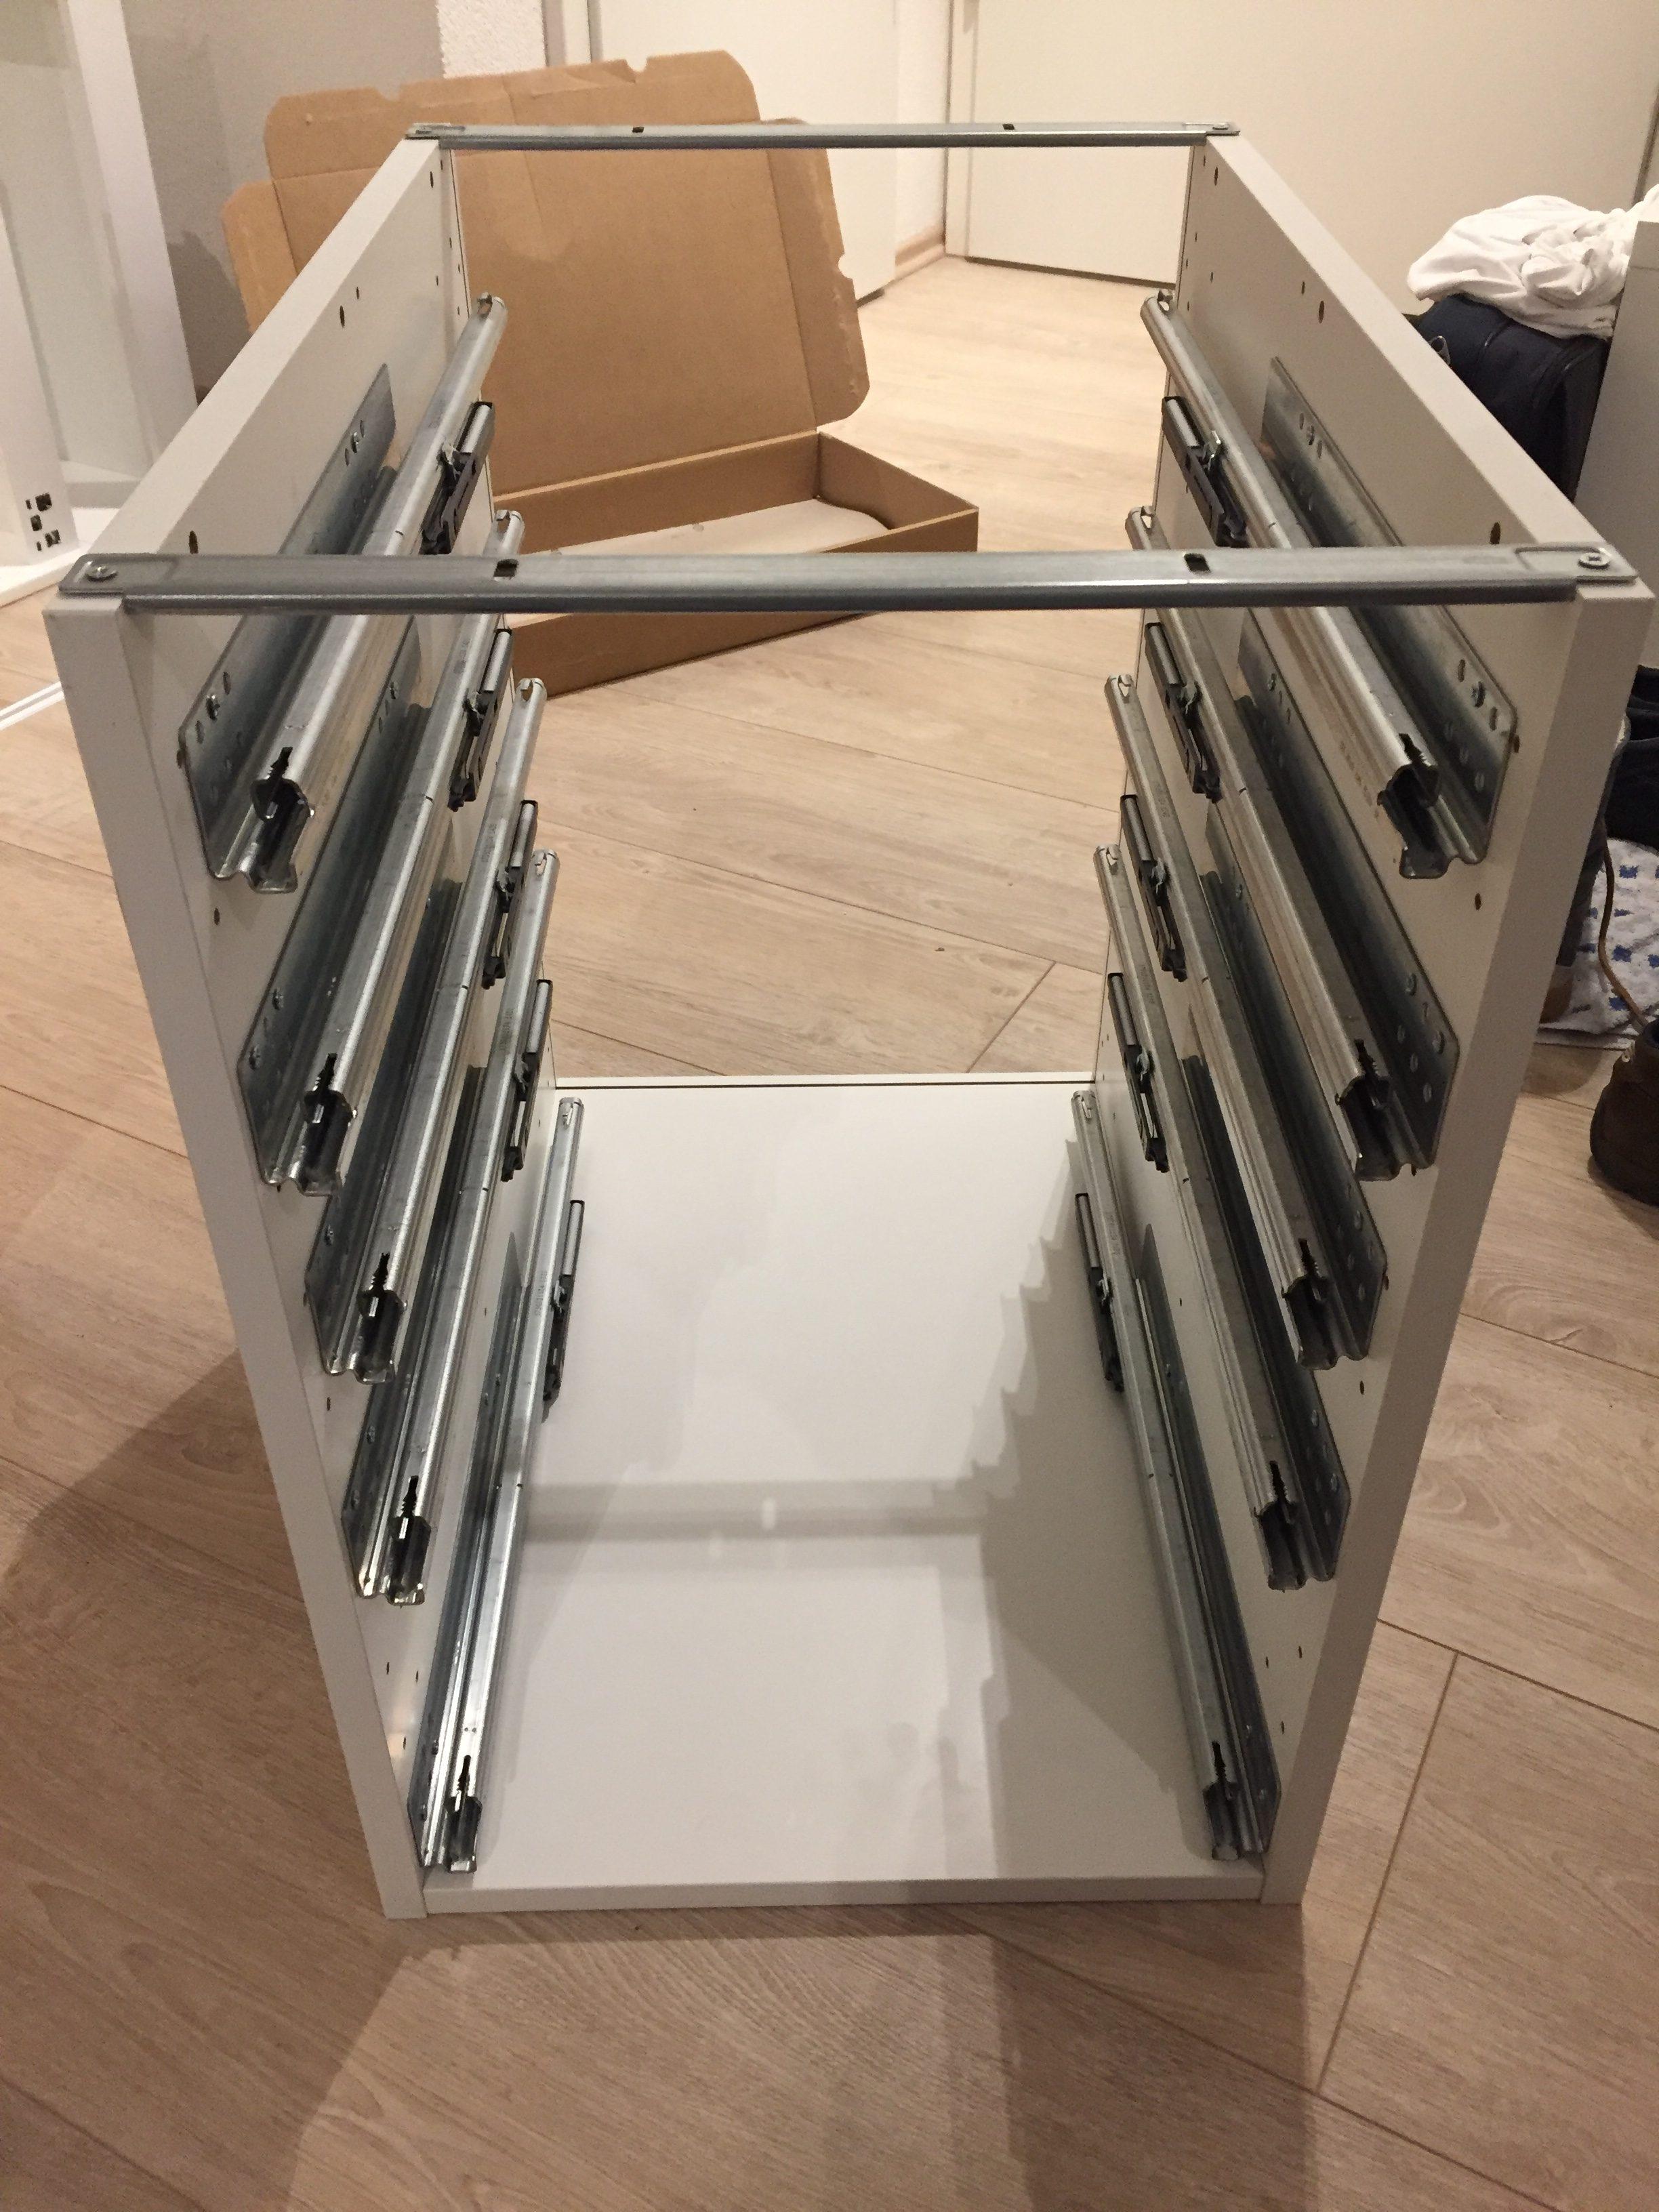 Kuchenschrank Mit Schubladen Selber Bauen Caseconrad Com